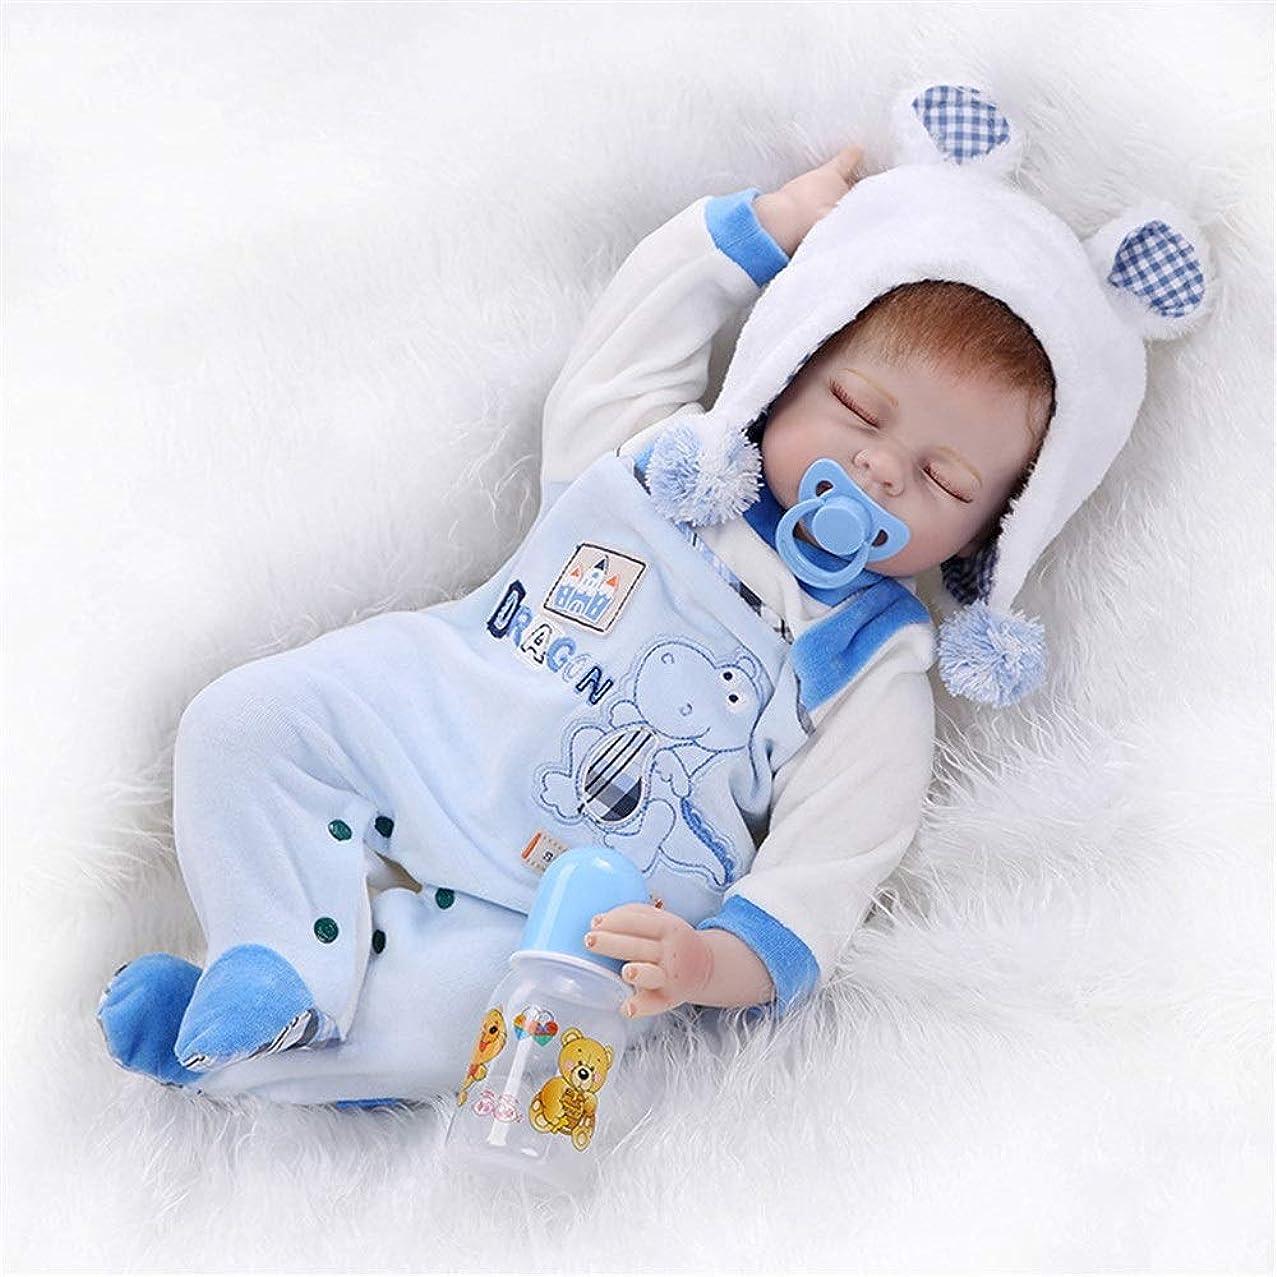 とにかく練習したに向かって手作りソフビシリコーン実生活リボーン赤ちゃんの人形のおもちゃ55センチメートルリボーンドール リアルなおもちゃ (Color : Photo Color, Size : 55cm)